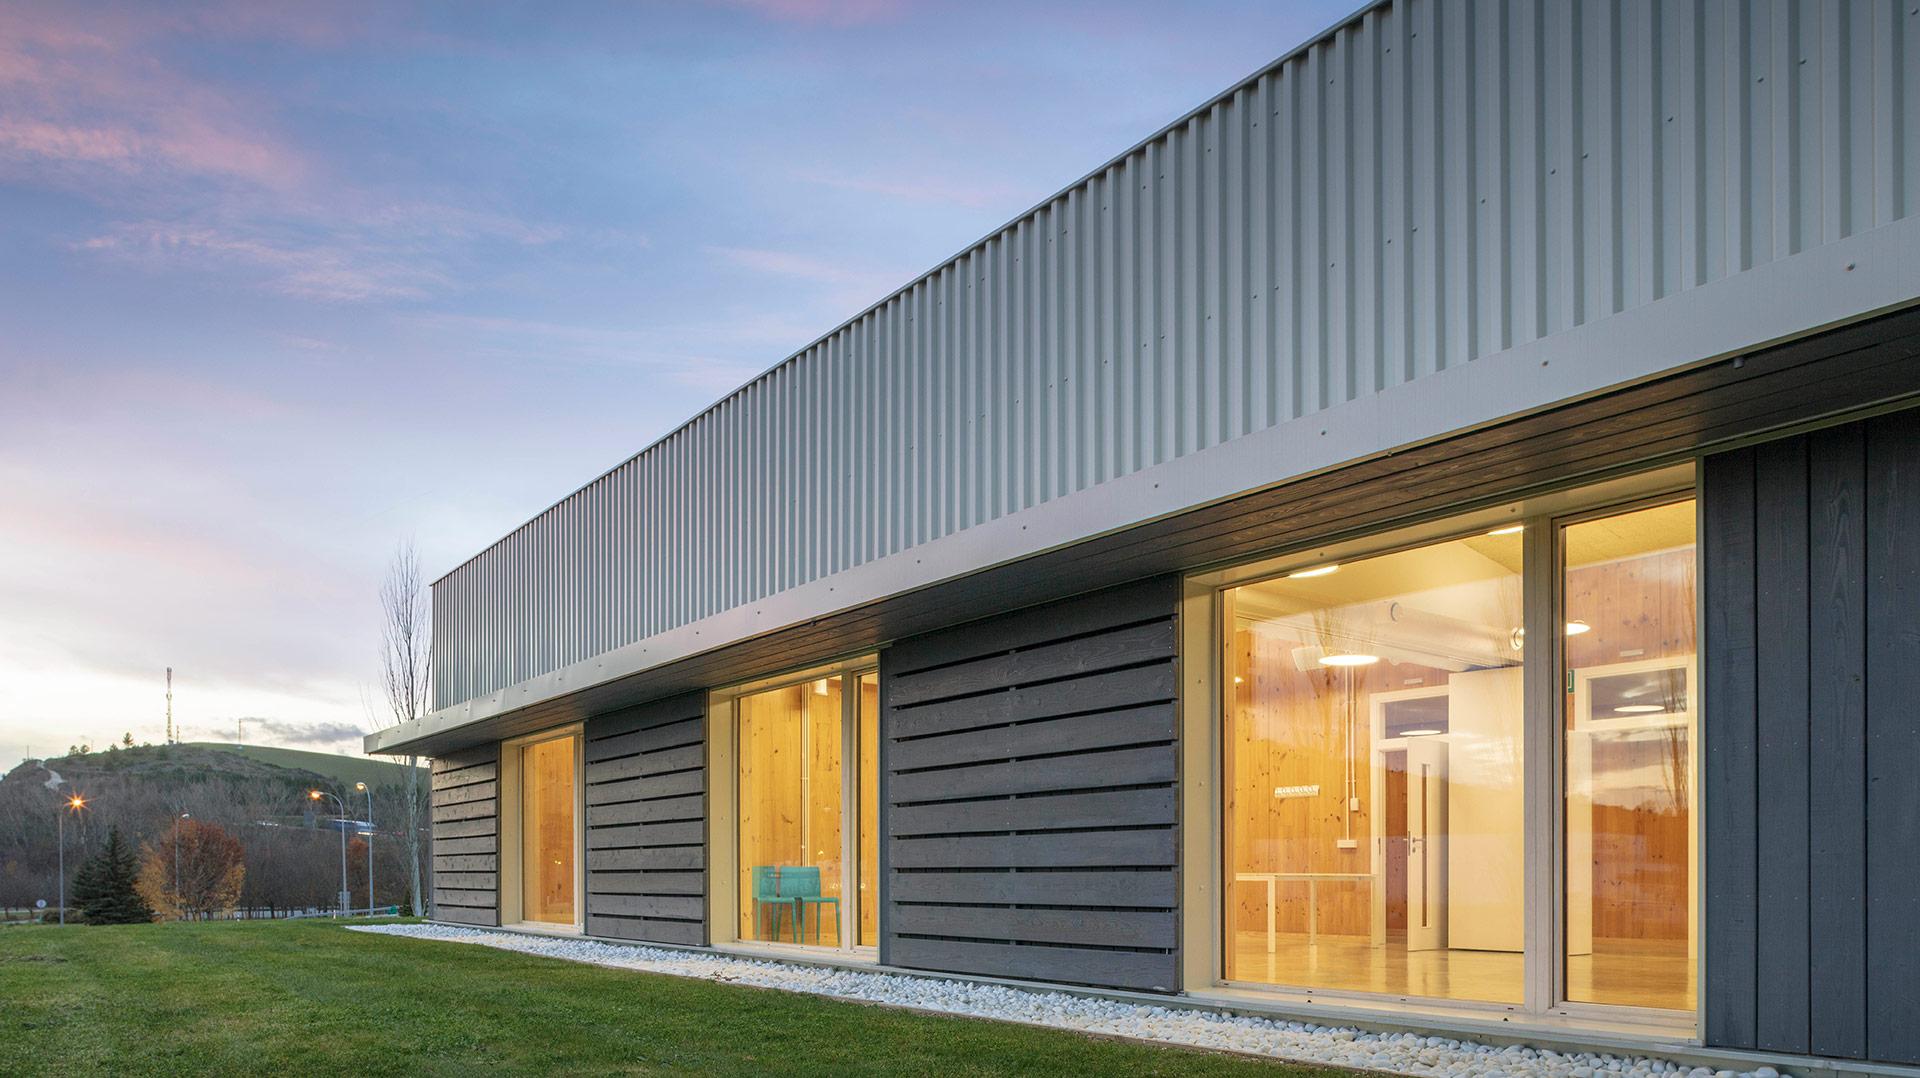 Edificio-dotacional-nZEB-en-Olloki-Proyecto-ByEarquitectos-Pamplona-Navarra-00-Portada